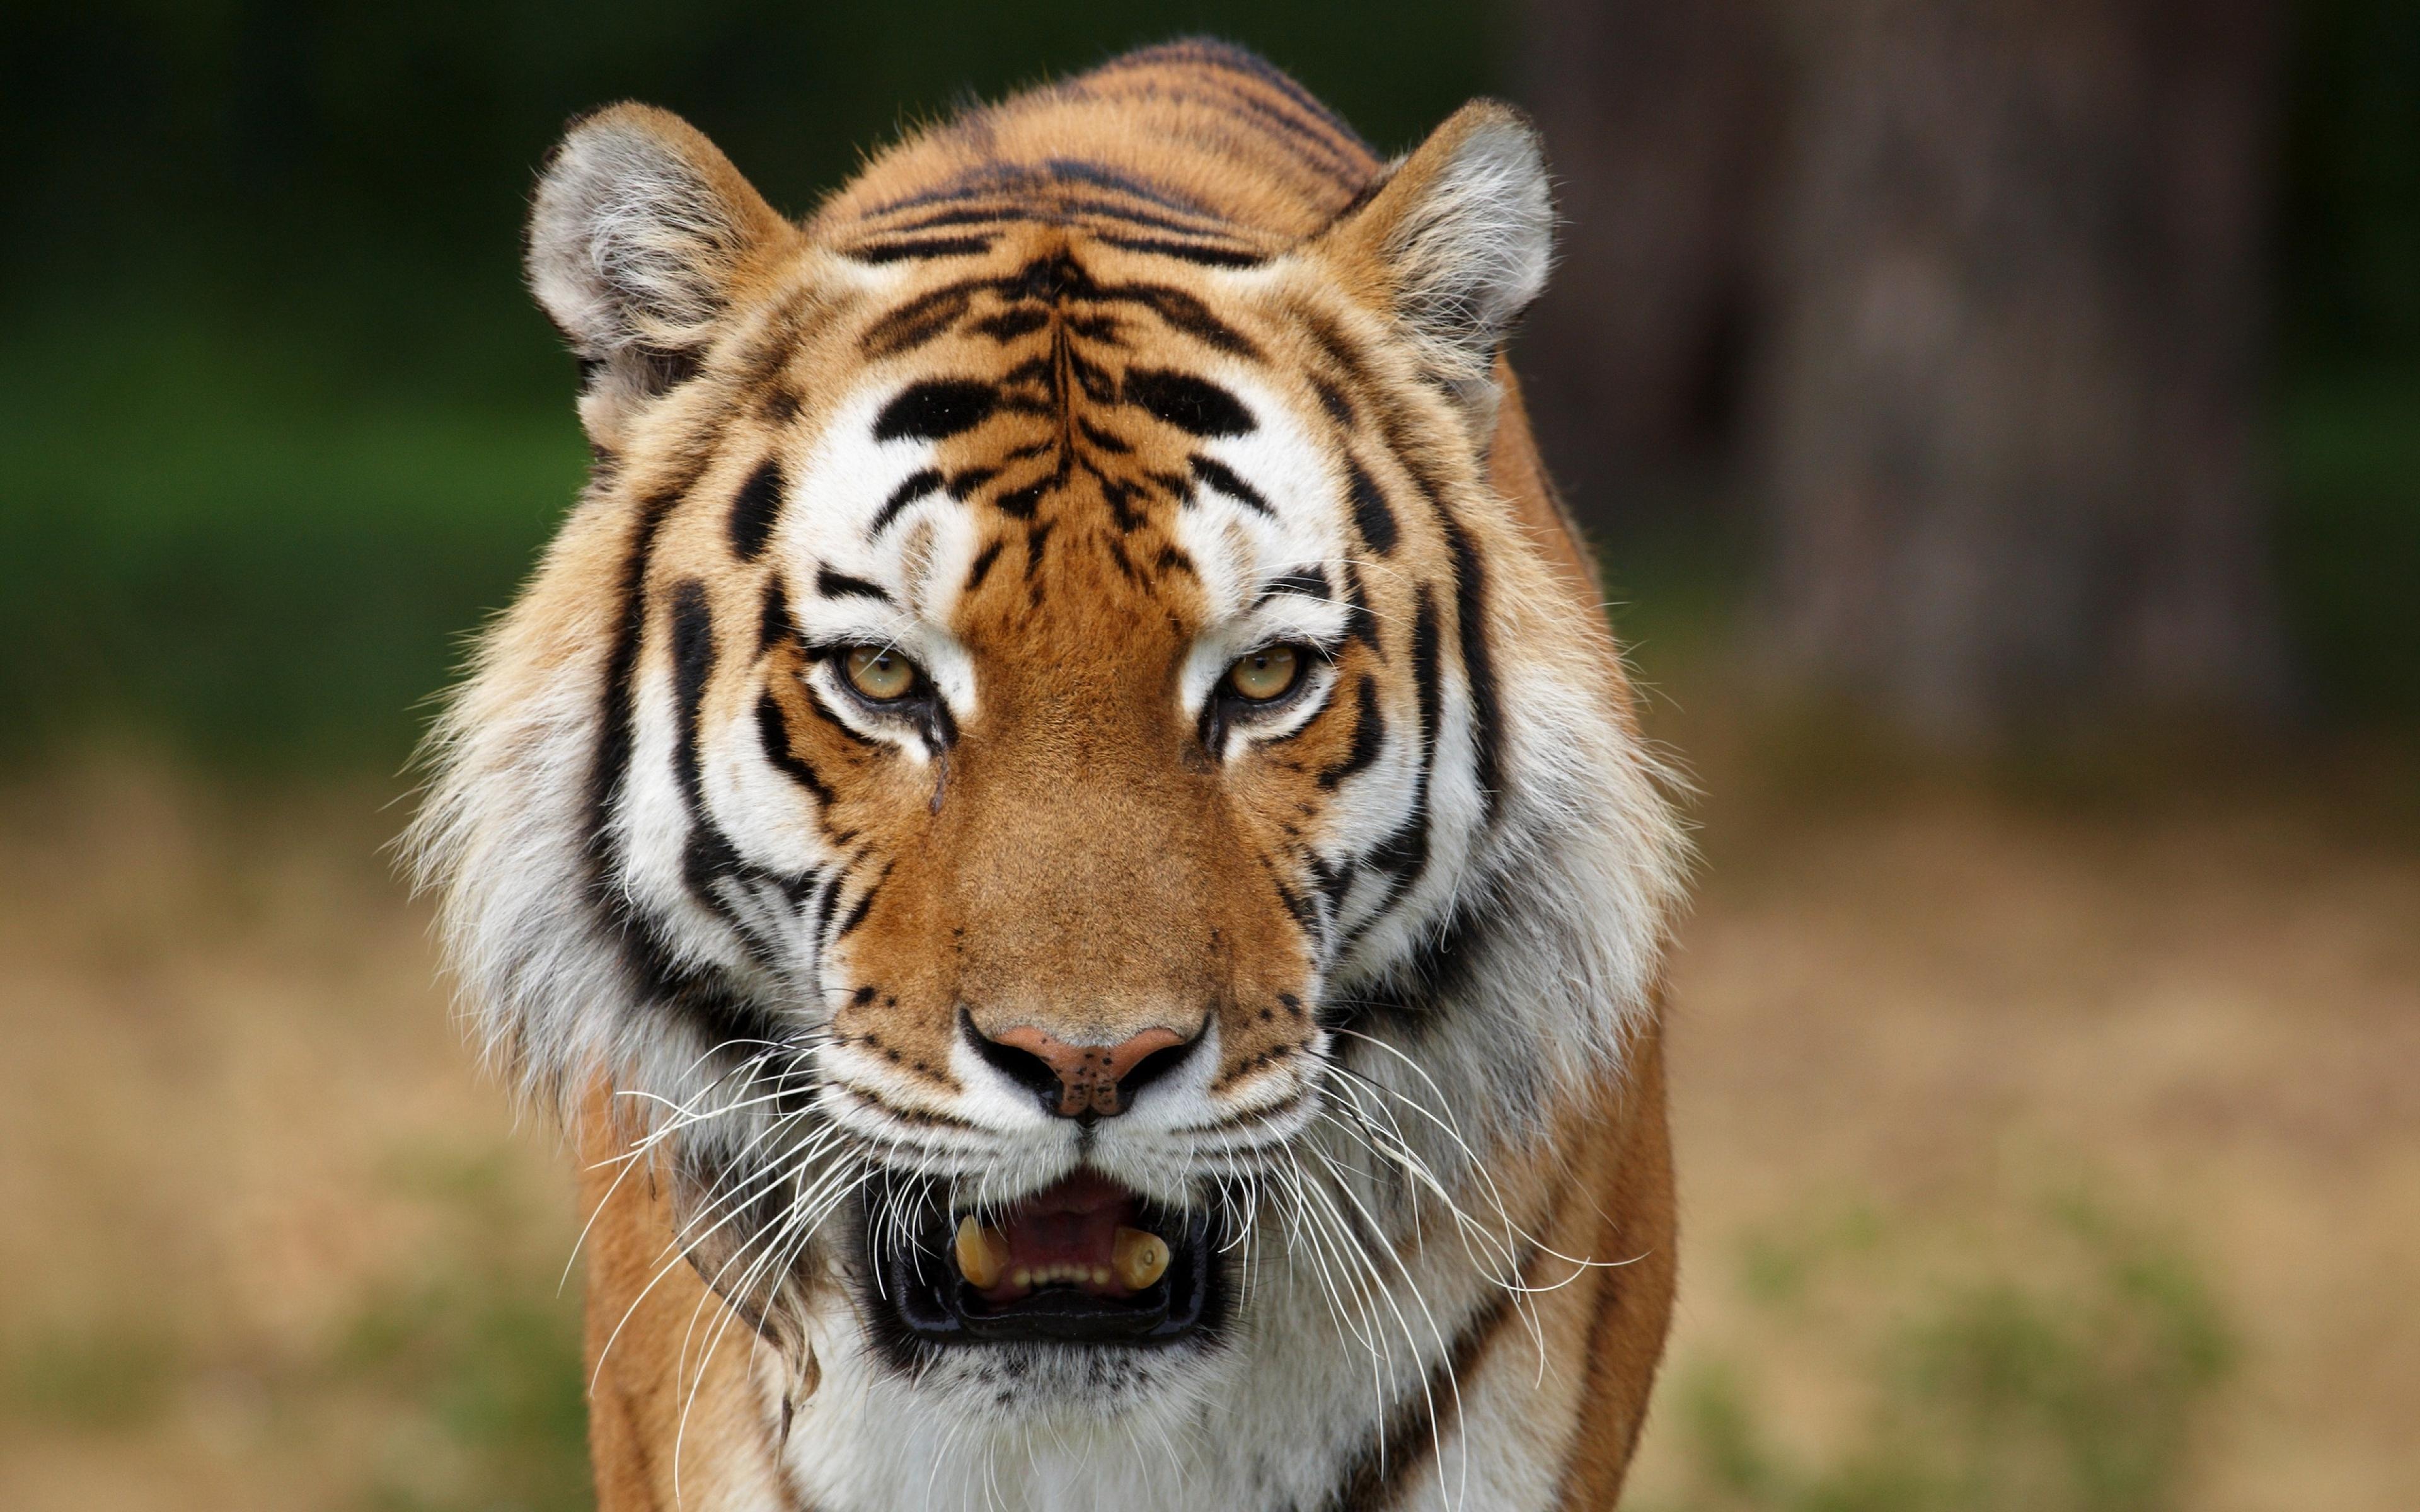 большой фотографии про диких зверей влияют размер